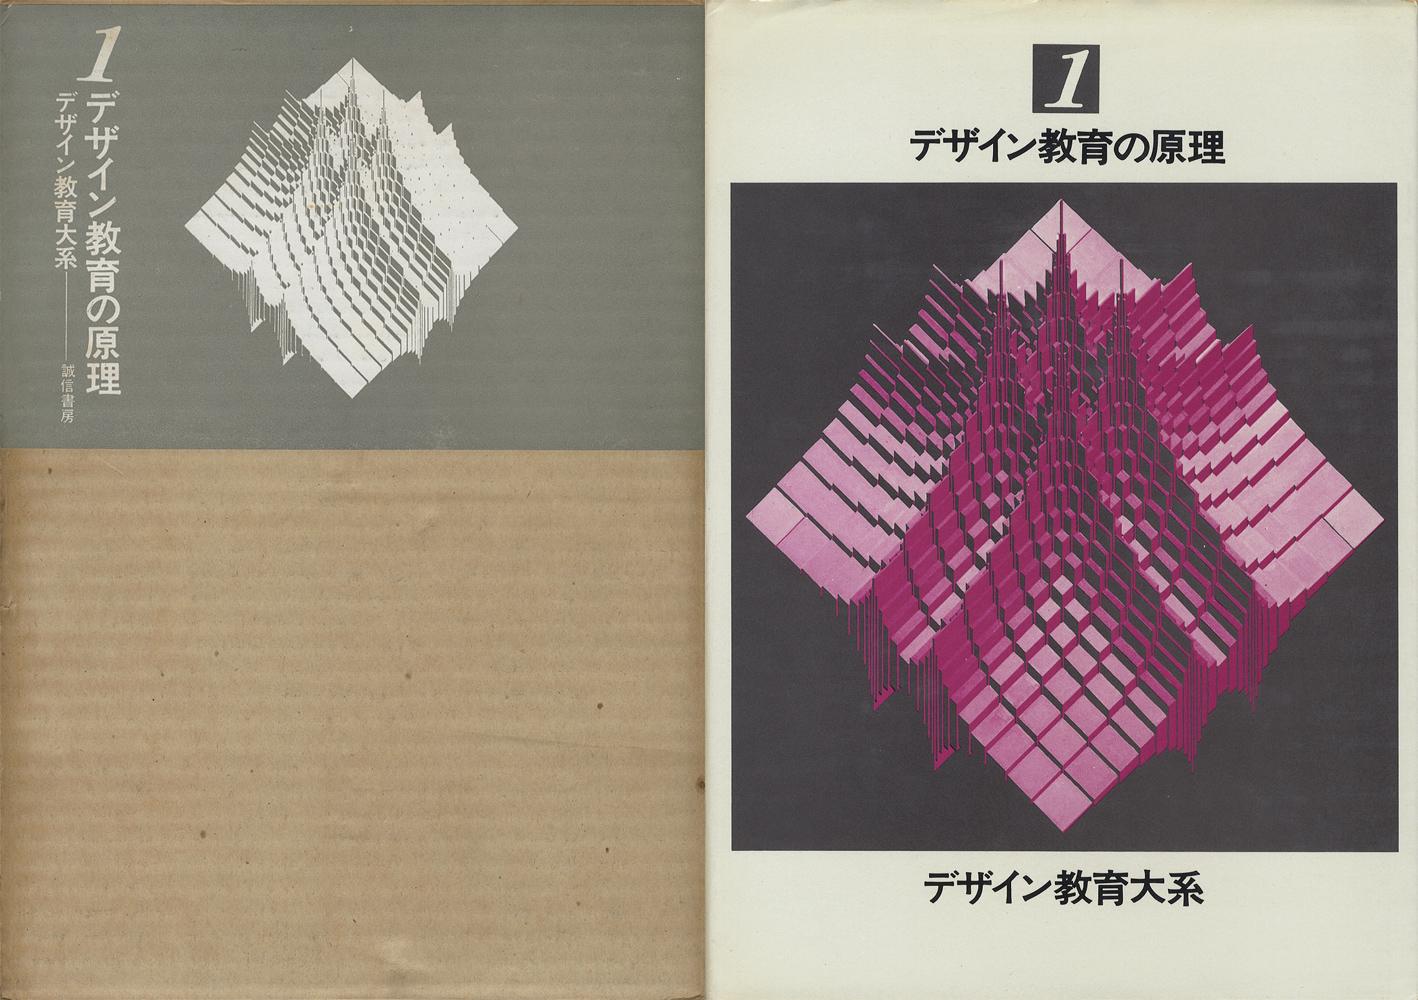 デザイン教育大系 全5巻